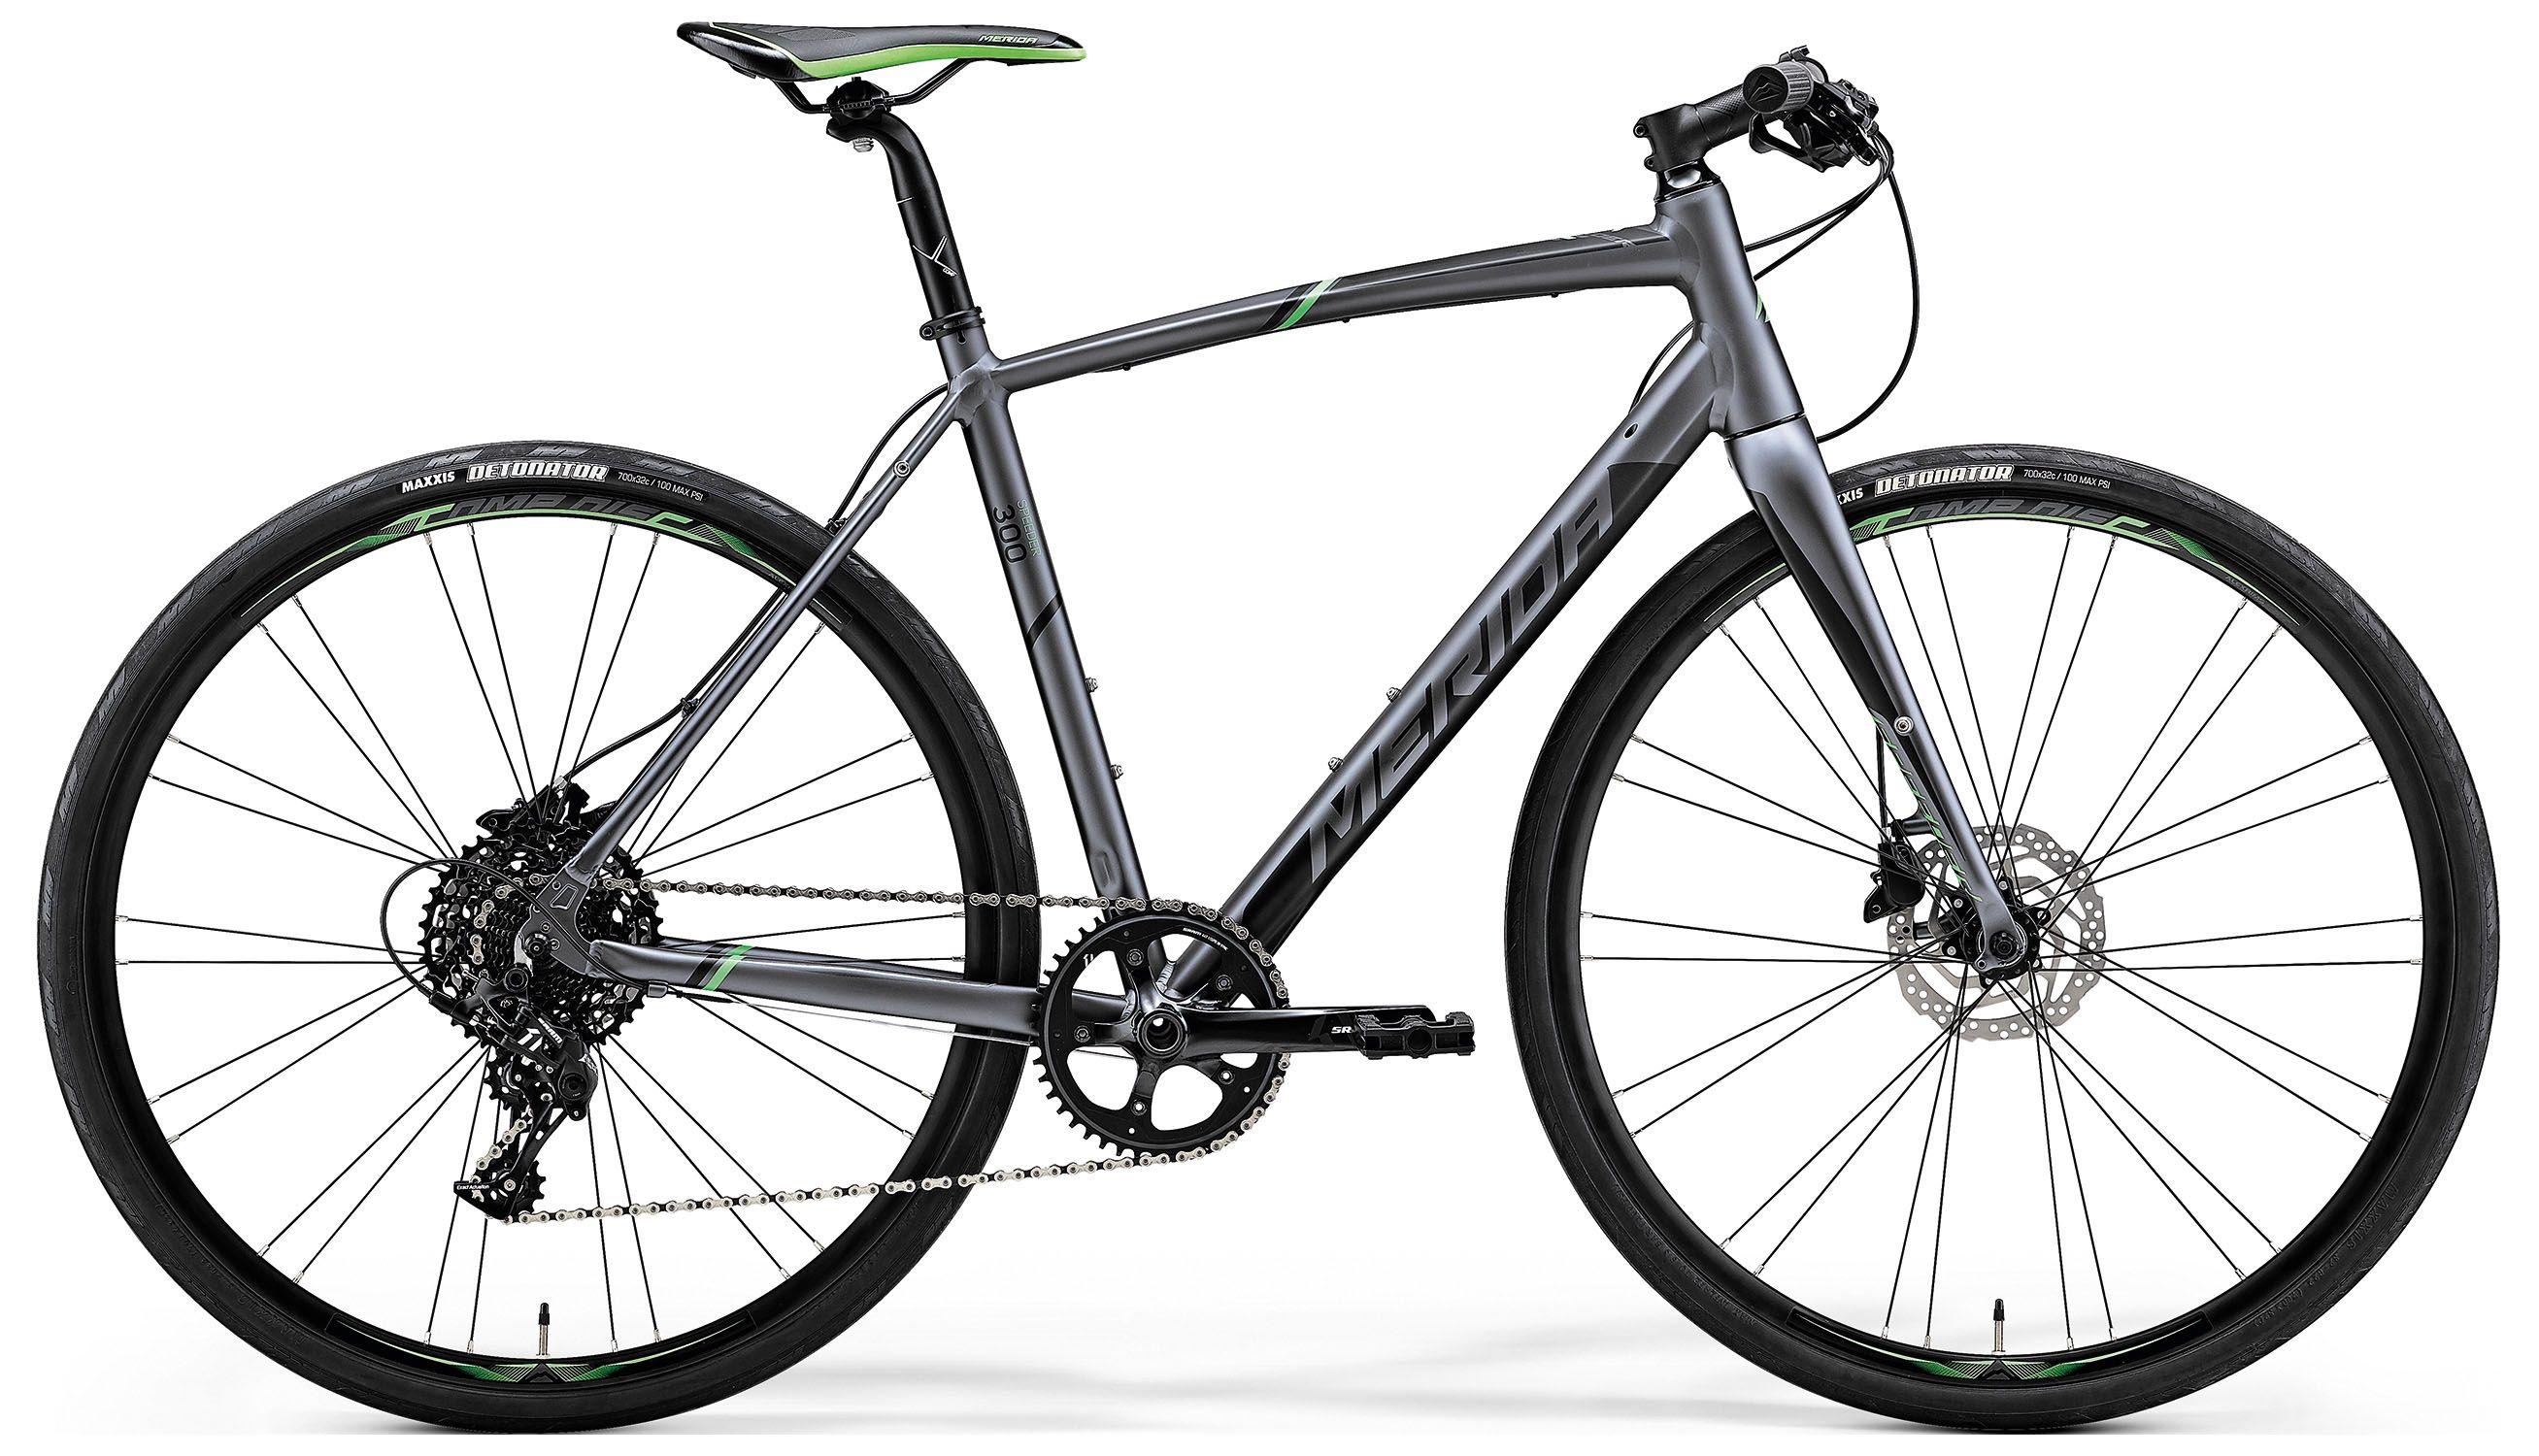 Велосипед Merida Speeder 300 2018 купить шоссейный велосипед б у в минске